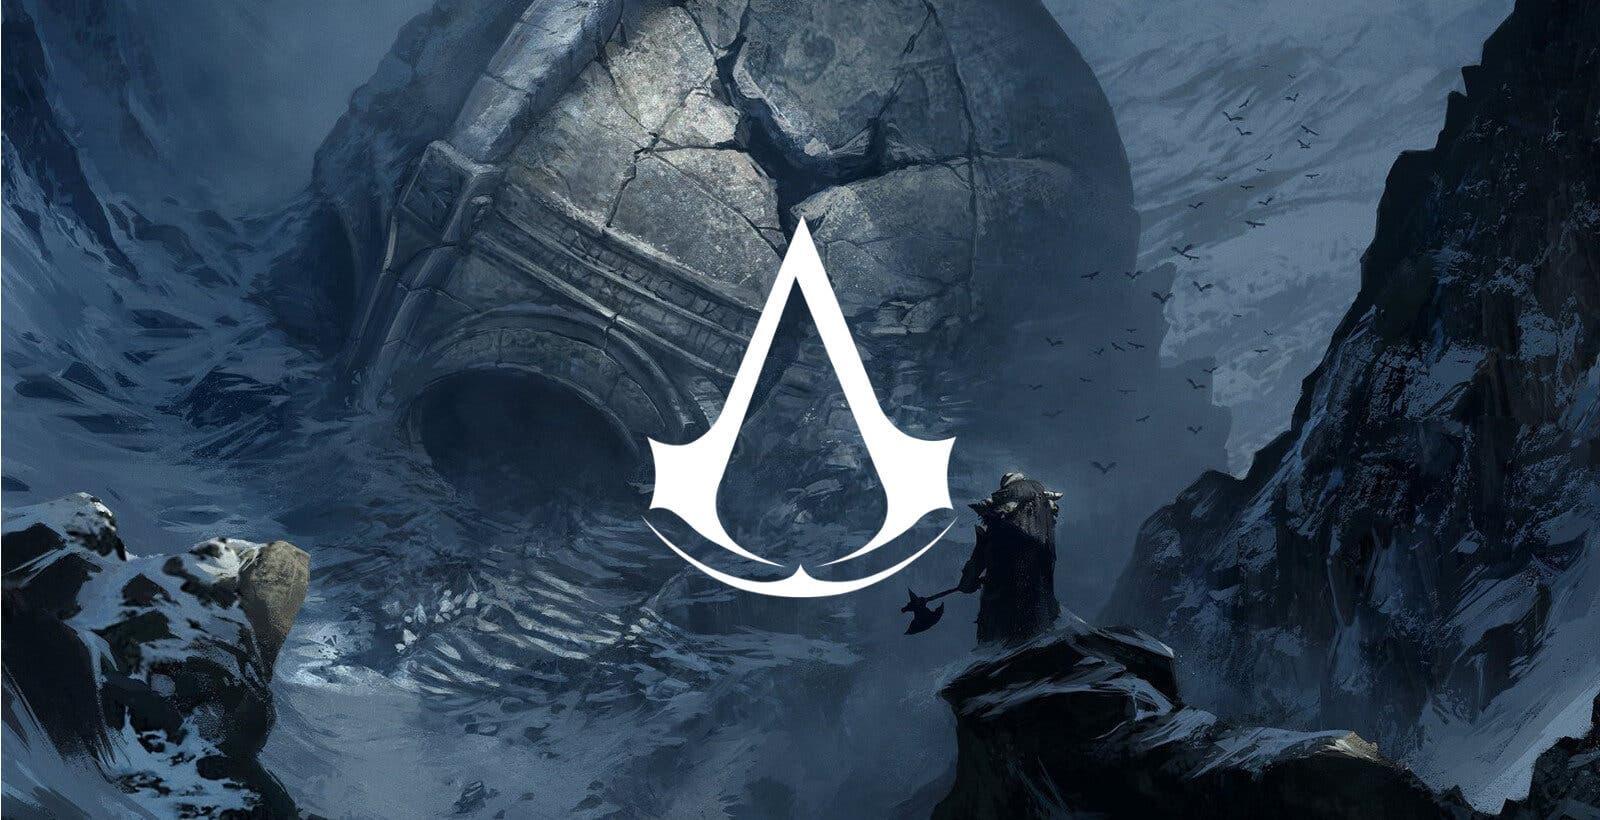 El desarrollo de Assassin's Creed Valhalla se está llevando a cabo por 15 estudios